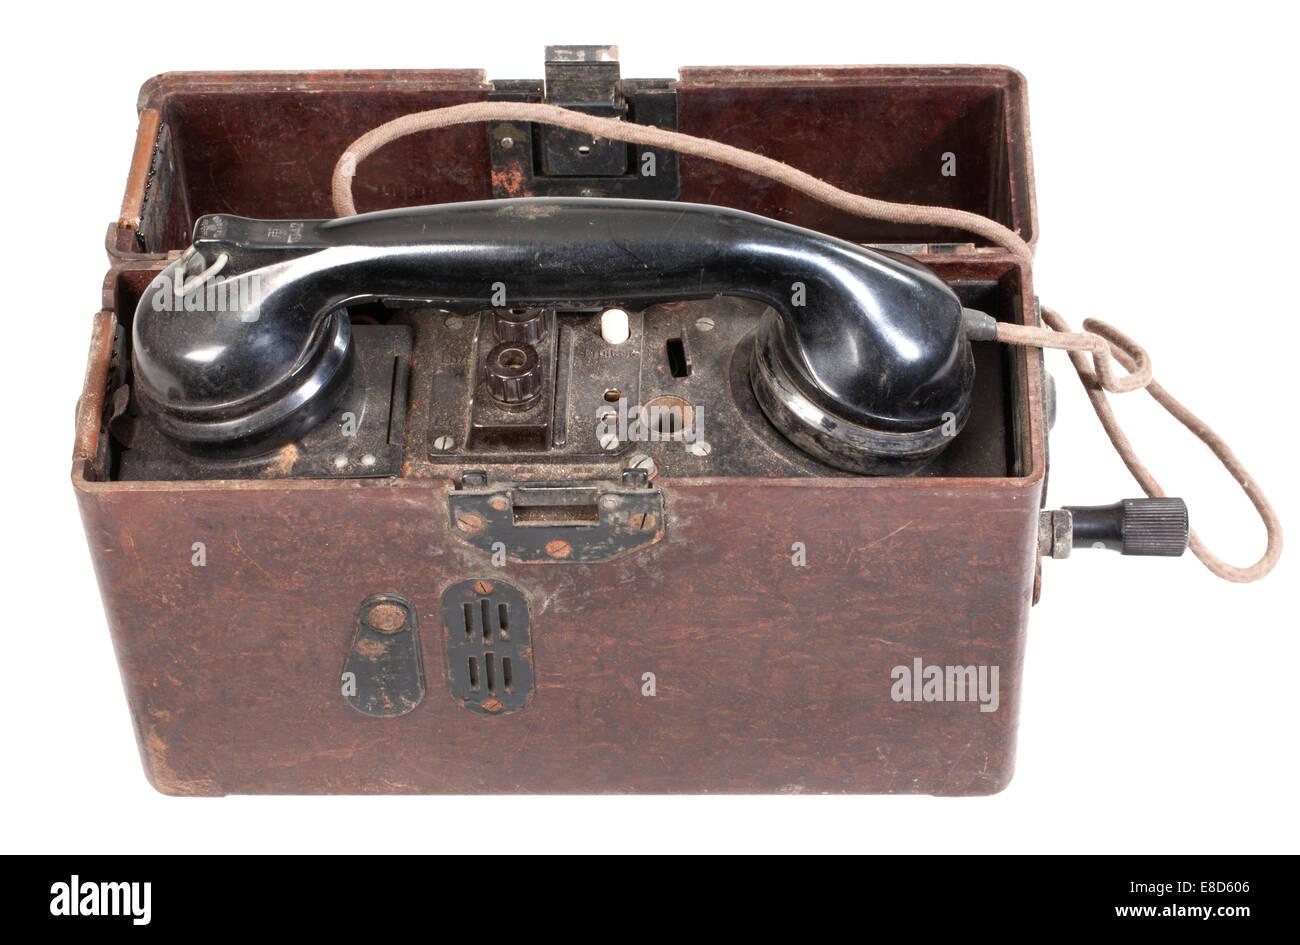 Feldtelefon, deutsche Wehrmacht, Zweiter Weltkrieg Stockbild